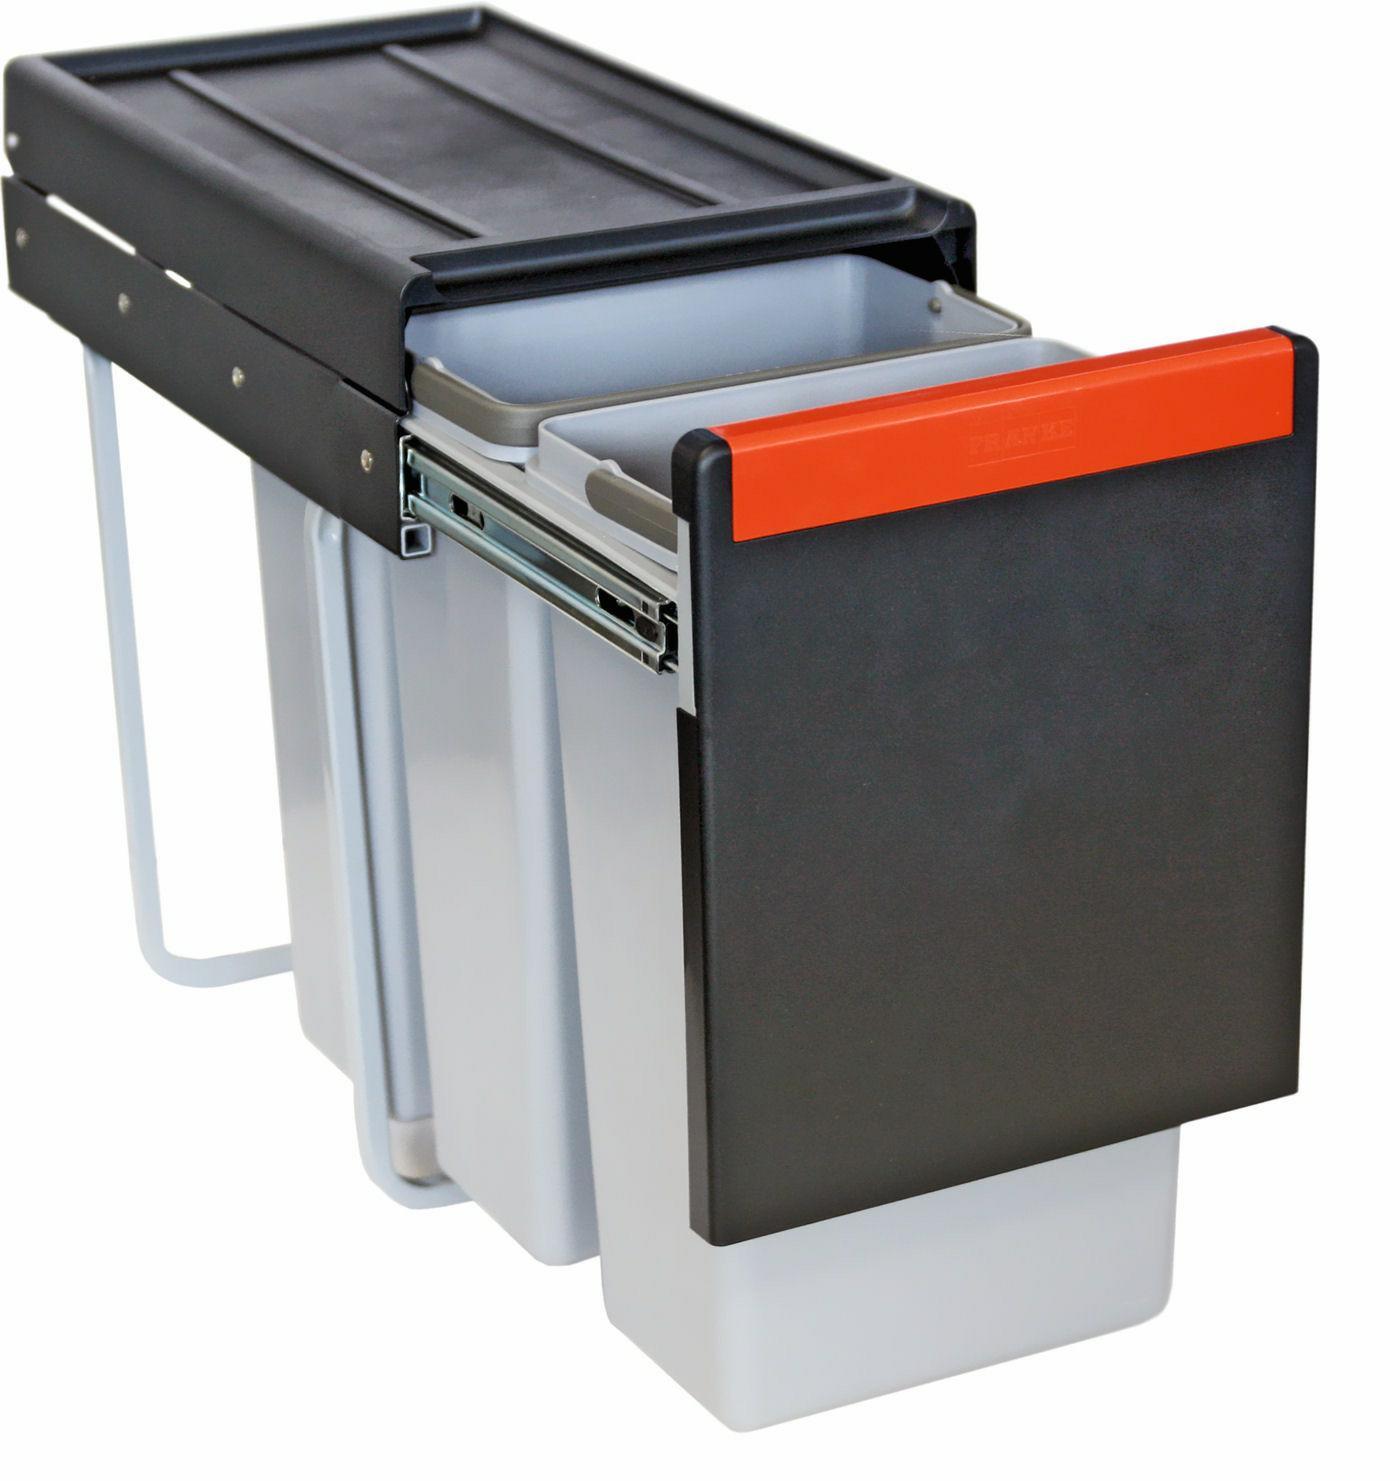 Cube 30 afvalsorteersysteem